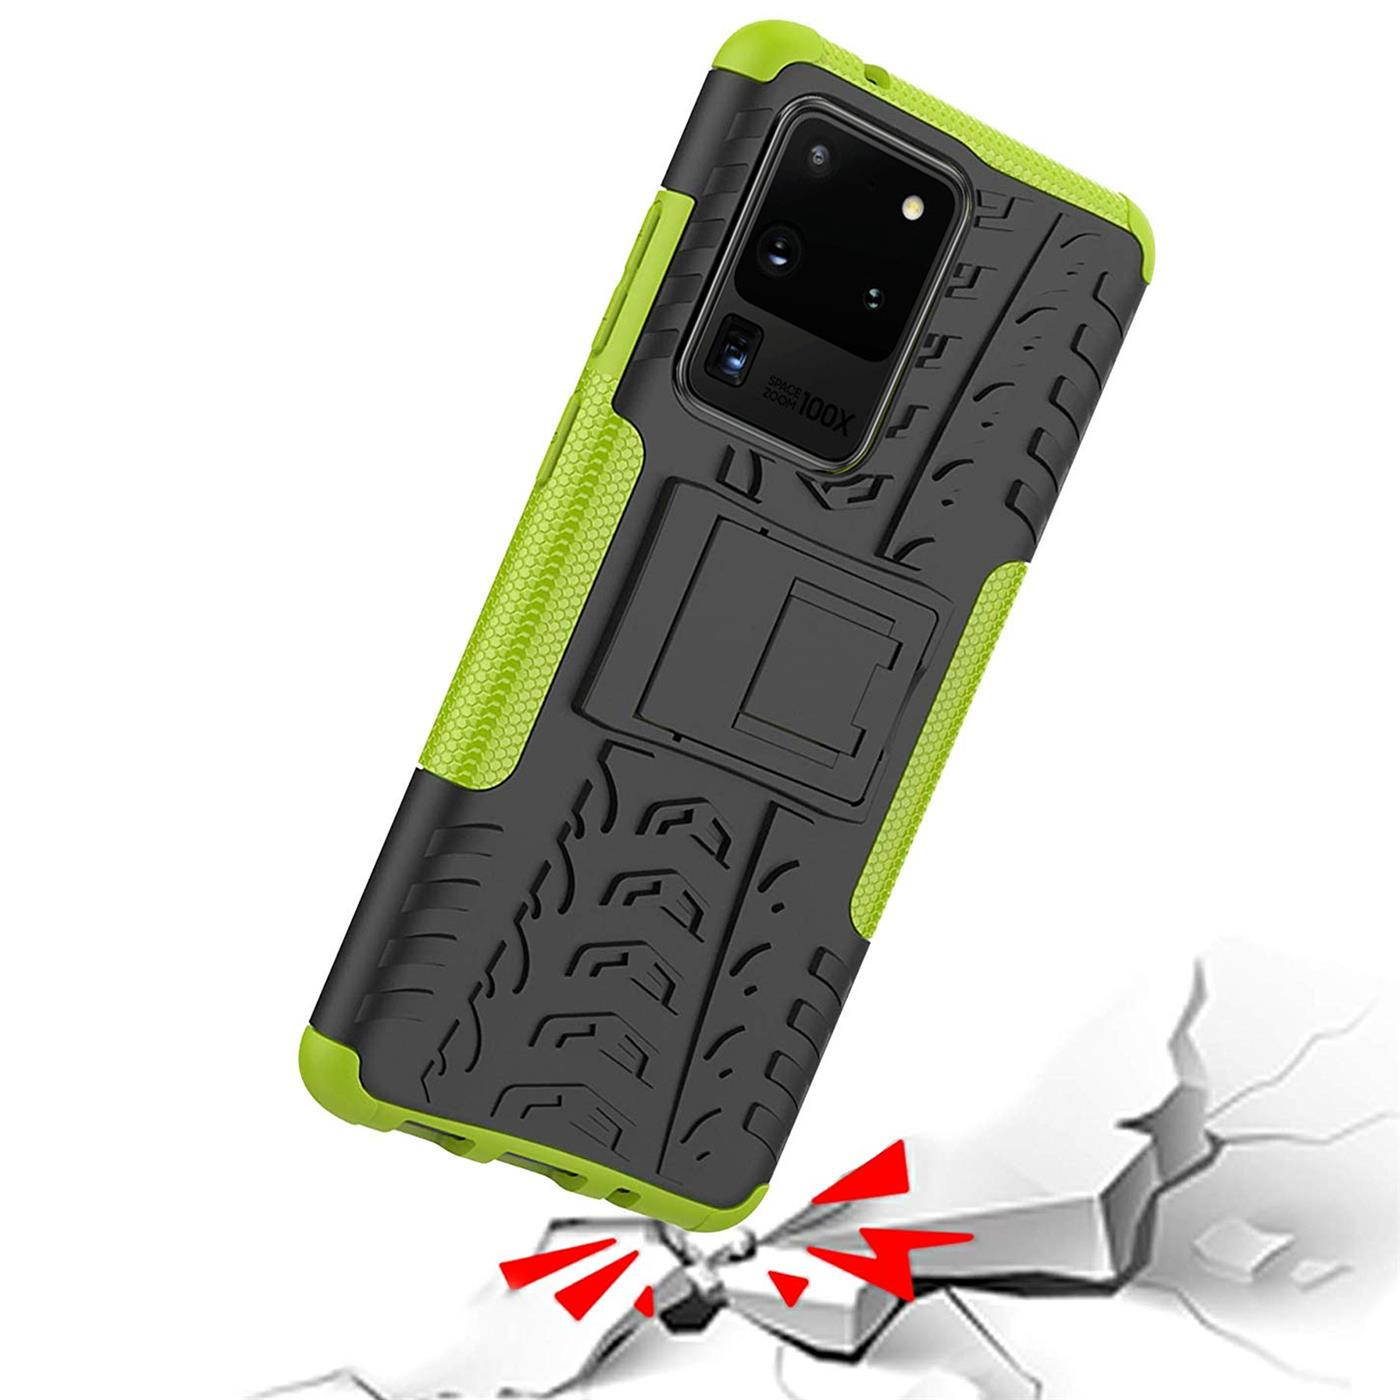 Samsung-Galaxy-S20-Serie-Schutzhuelle-Rugged-Handy-Tasche-Robust-Outdoor-Cover Indexbild 19